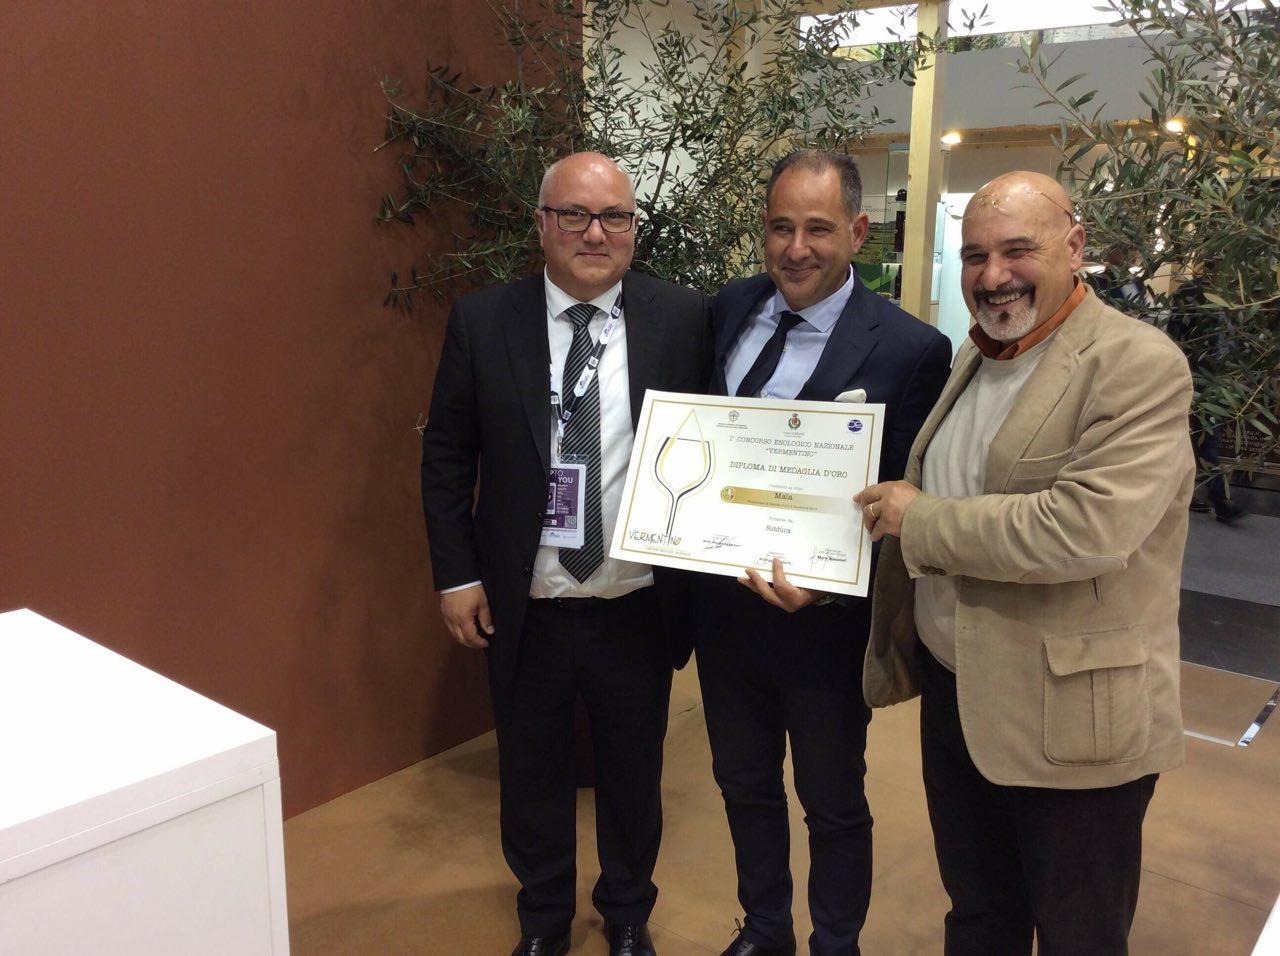 Massimo Ruggero di Siddura riceve il premio Vermentino a Vinitaly 2018